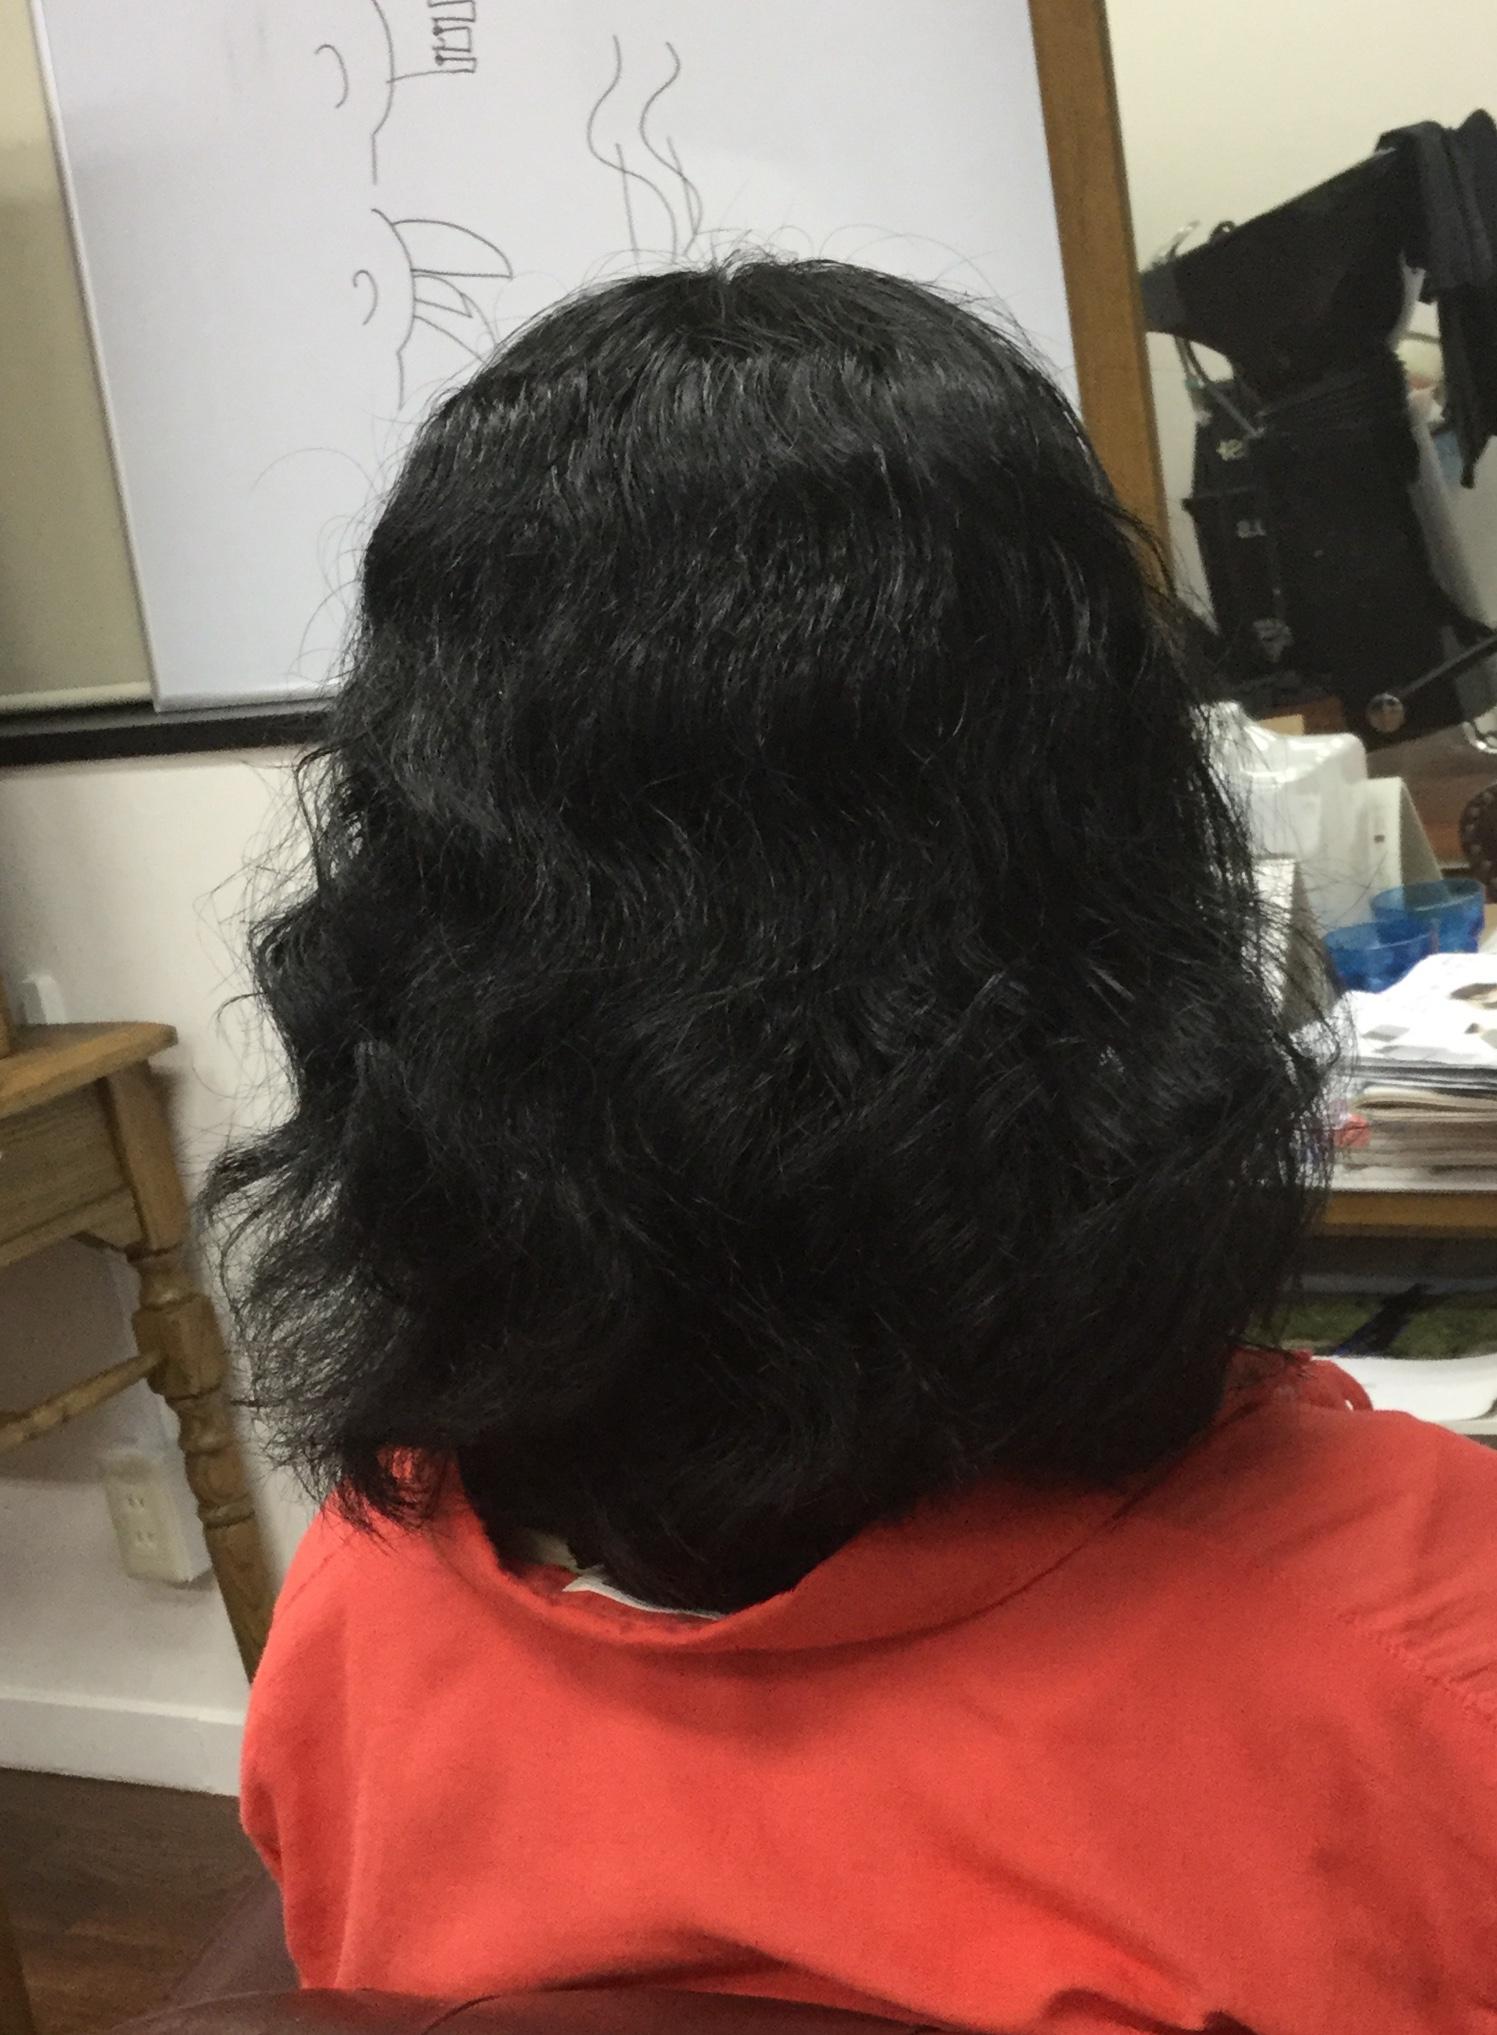 どこの美容室でも出来なかったくせ毛のショートカットが得意な神戸くせ毛専門美容室